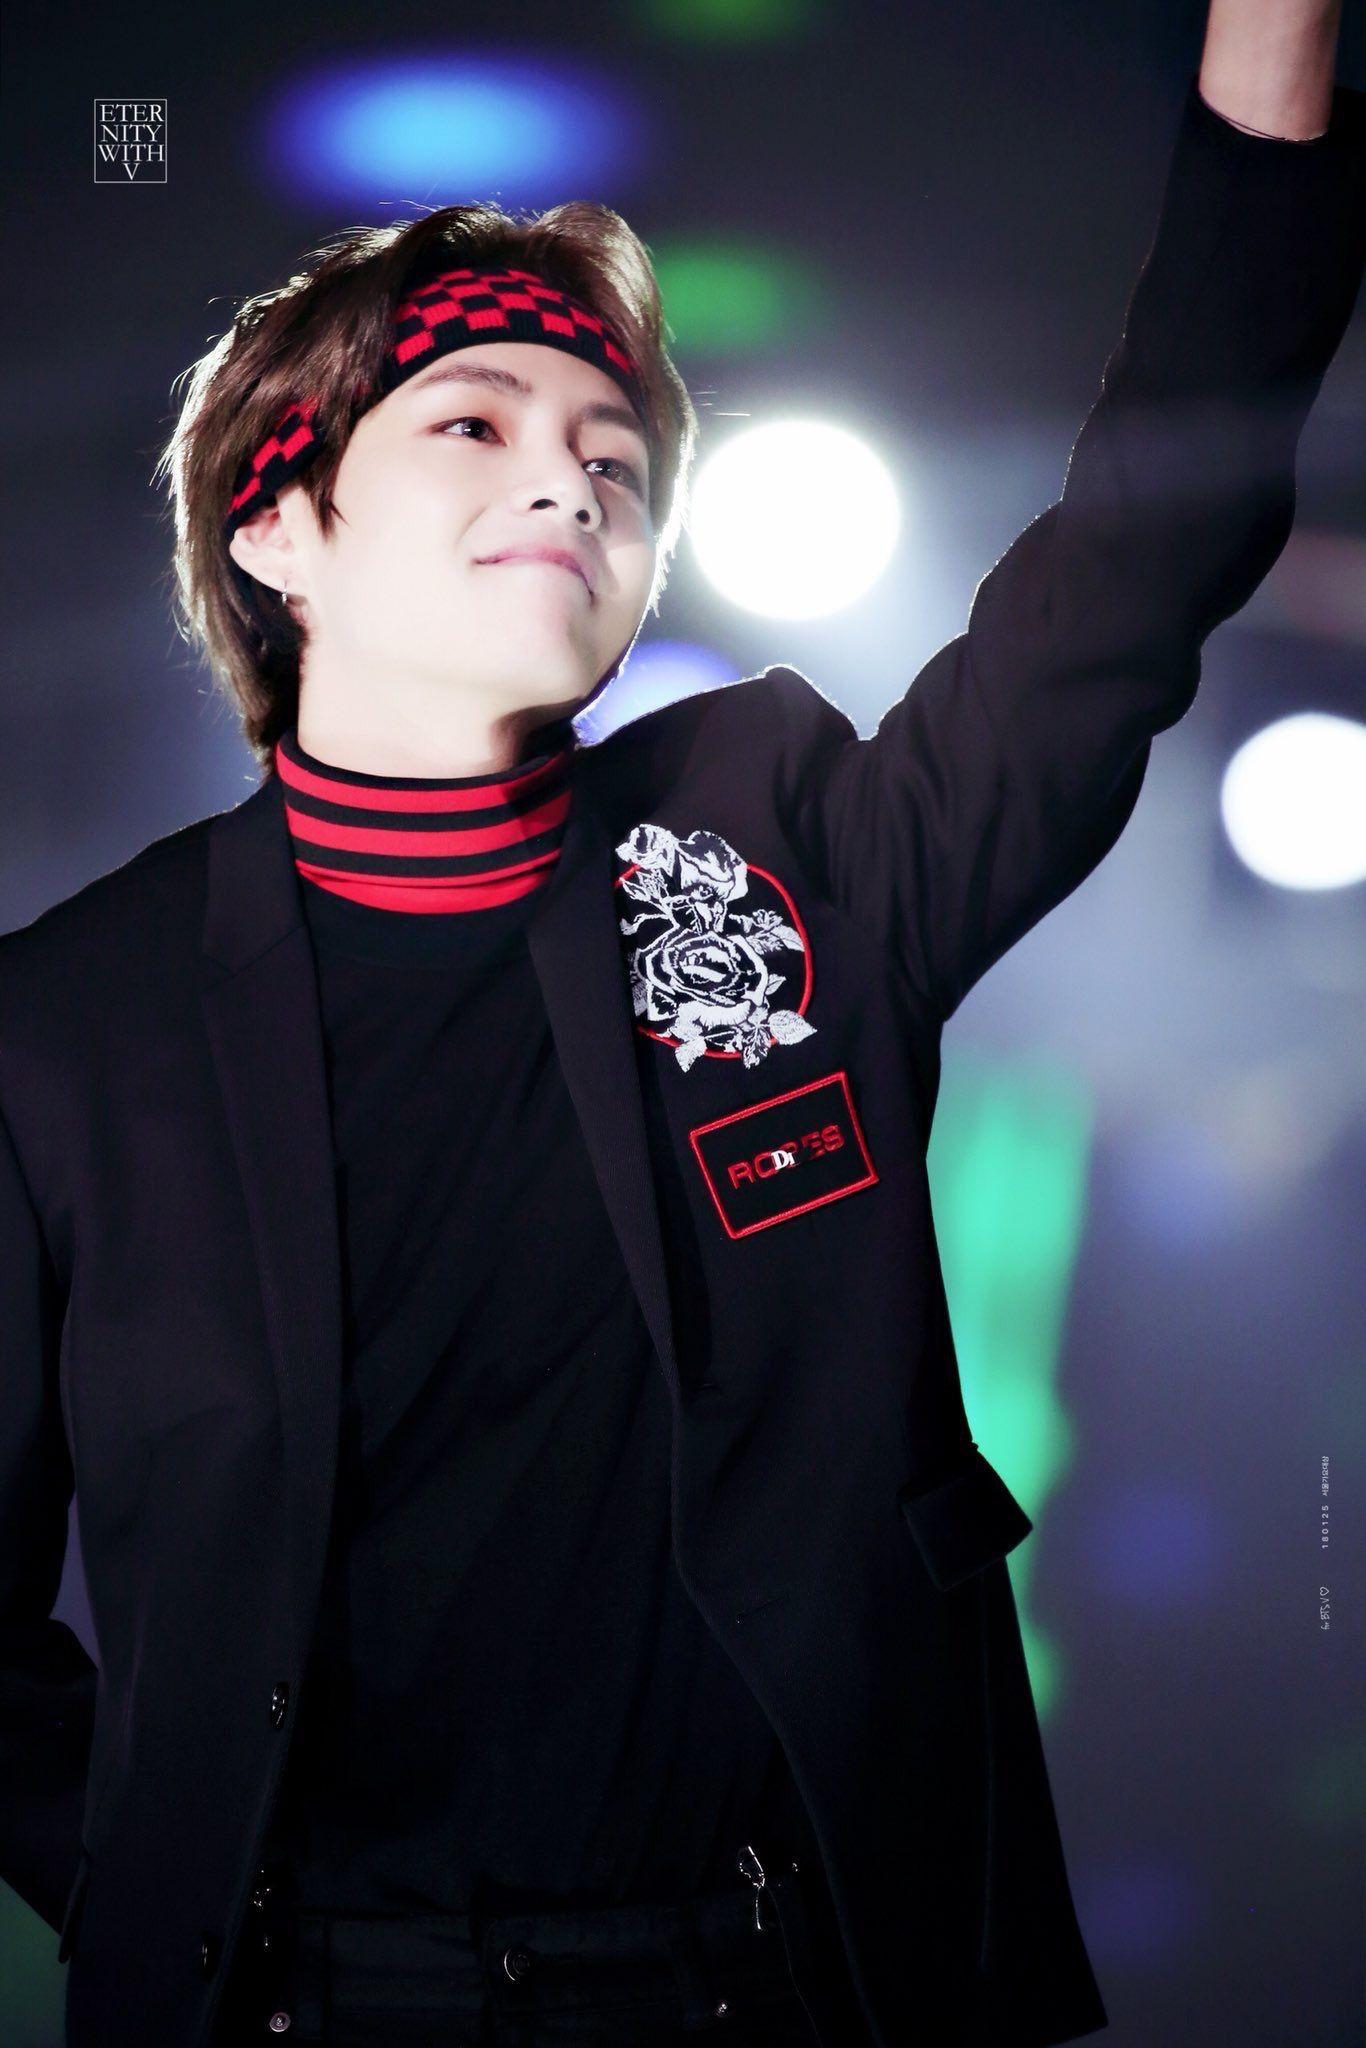 180125 27th Seoul Music Awards 2018 V Taehyung Bts